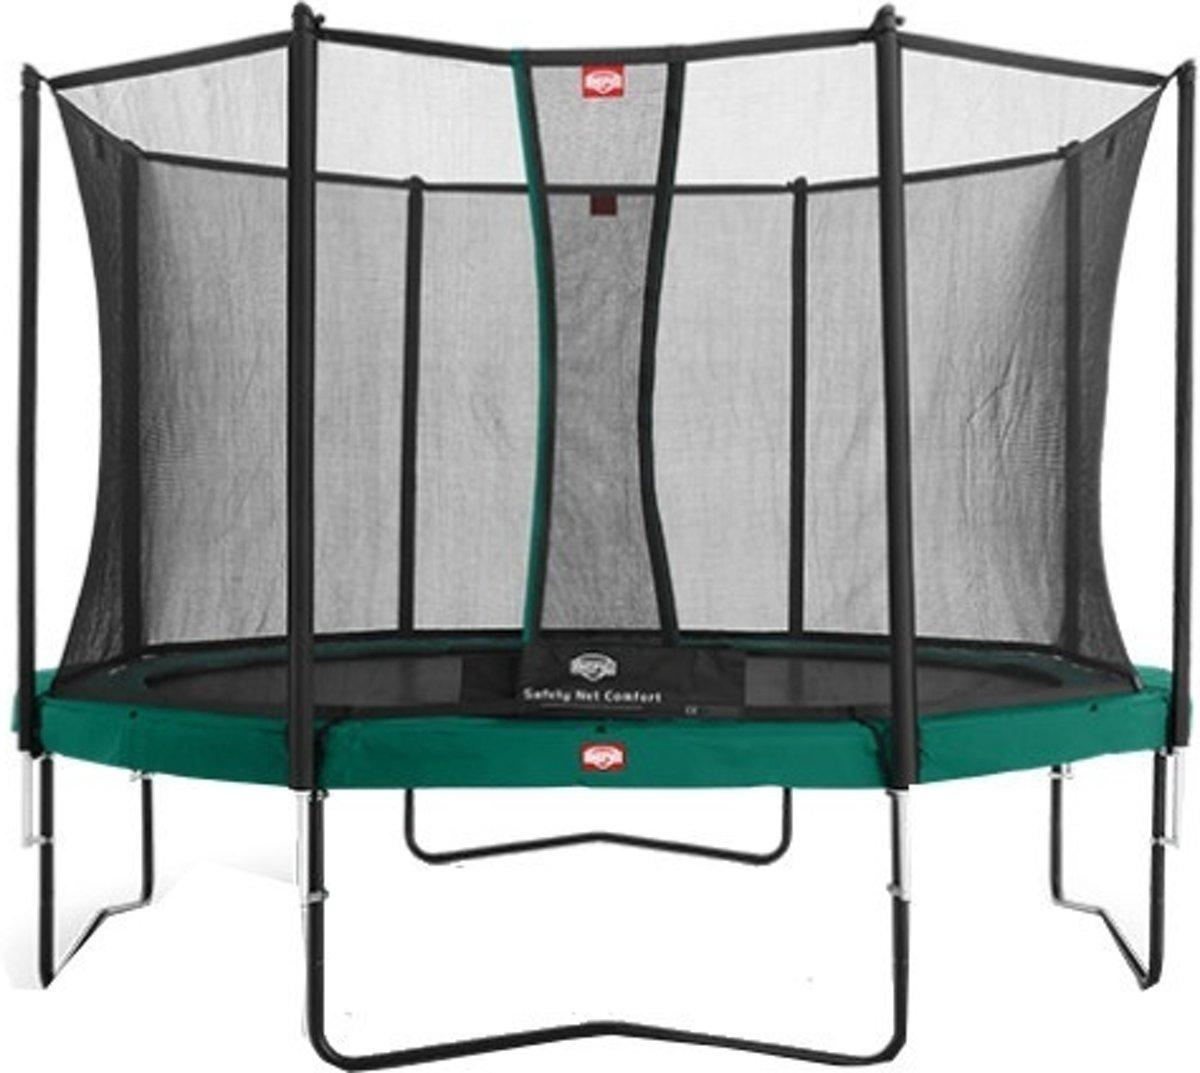 Berg Veiligheidsnet Comfort Voor Trampoline 240 Cm Zwart